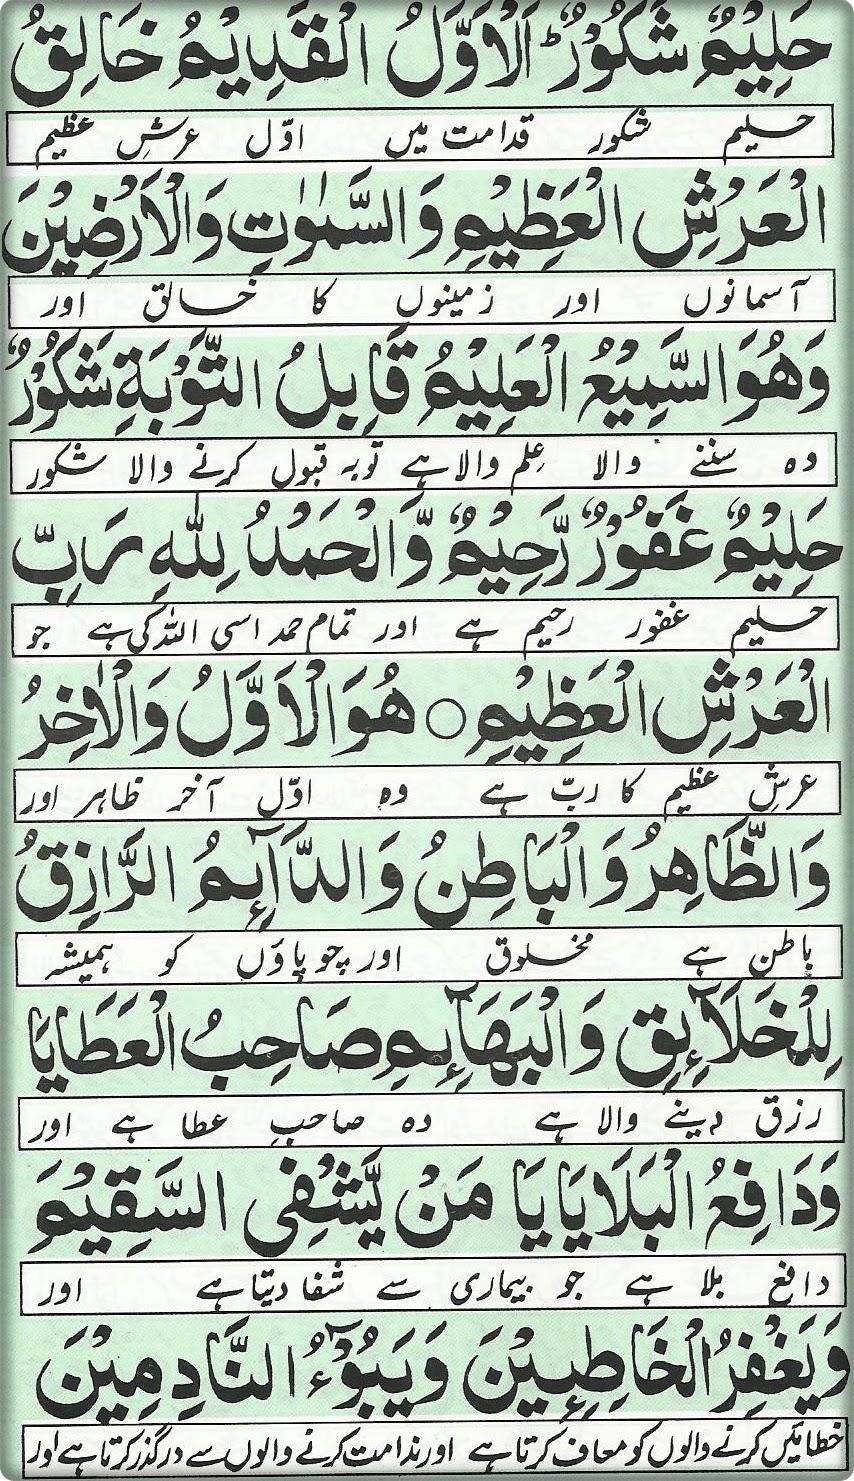 Qurani Wazaif - Masnoon Duas - Most Powerful Dua: Dua Qadah